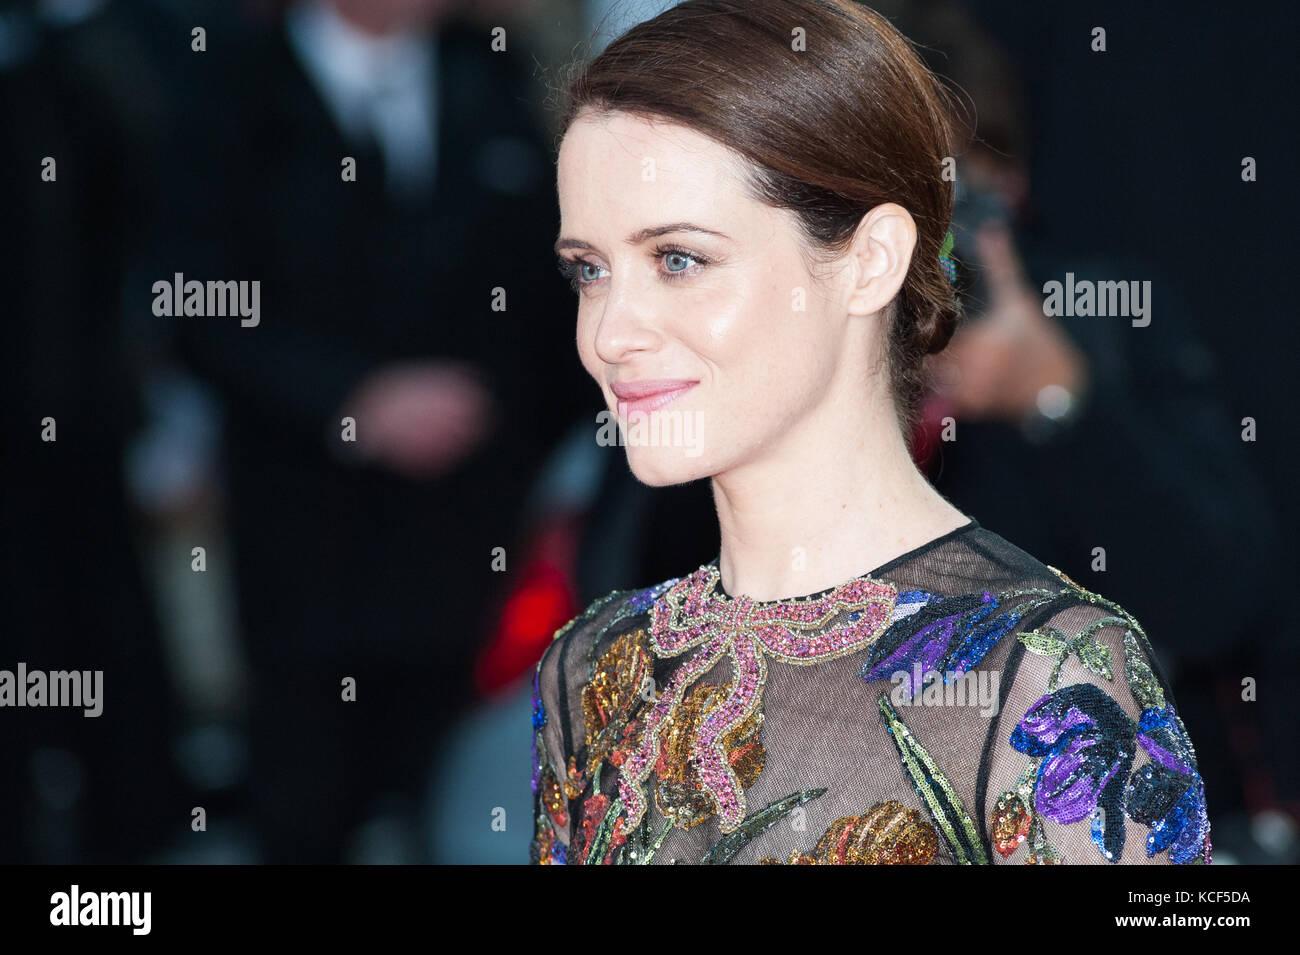 Londres, Royaume-Uni. 4e octobre 2017. Claire Foy arrive pour le UK Film premiere de respirer à l'Odeon Leicester Square lors de la 61e BFI London Film Festival Soirée d'ouverture du Gala. Credit: Wiktor Szymanowicz/Alamy Live News Banque D'Images